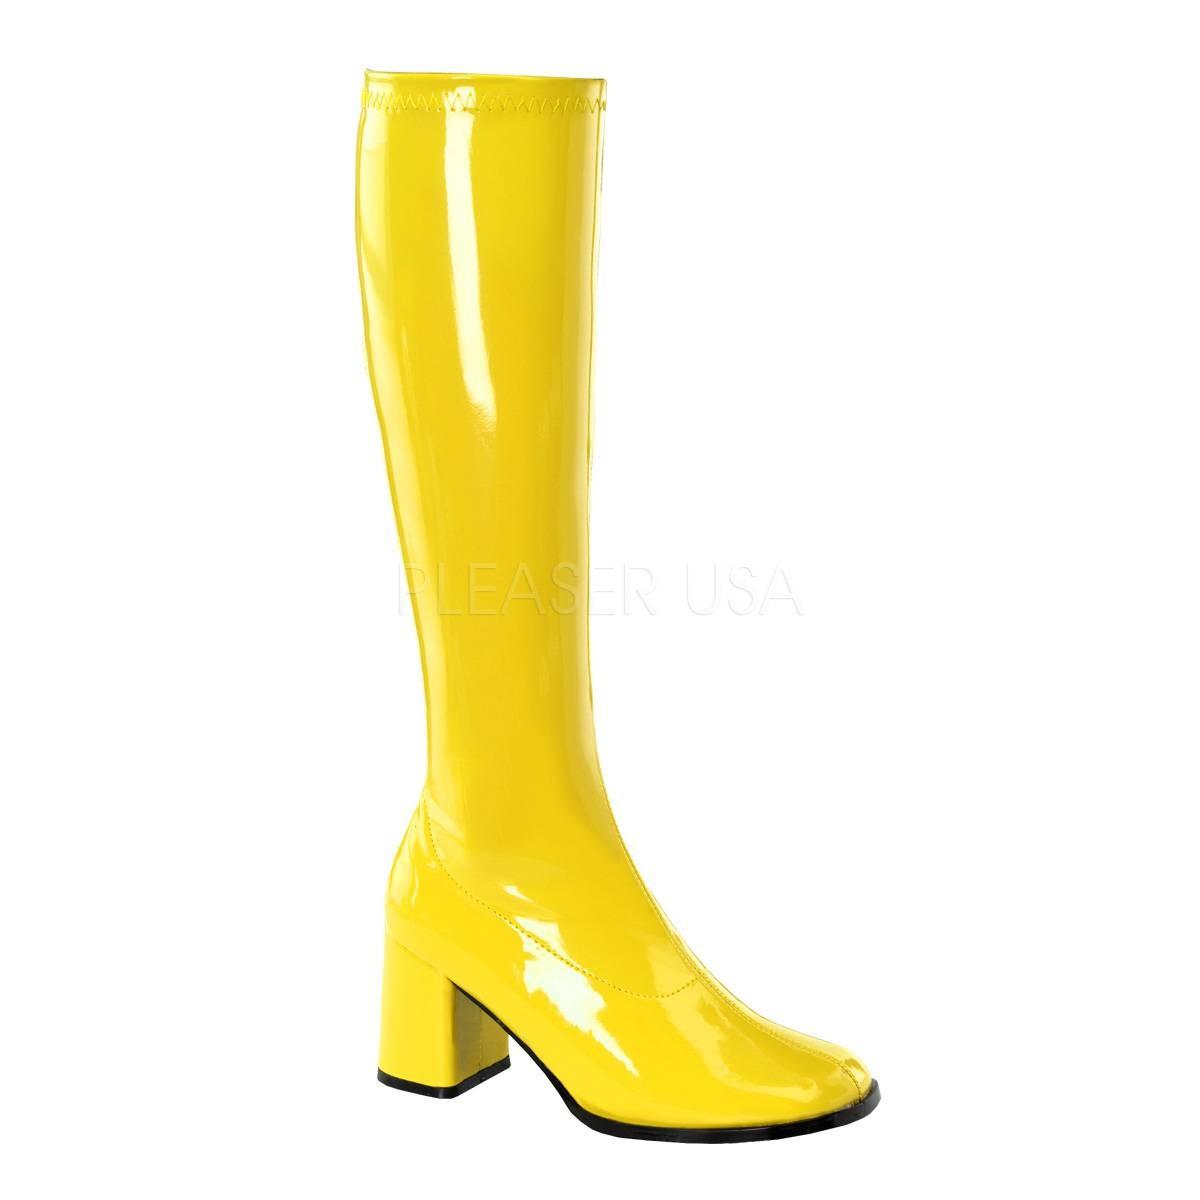 Stiefel - GOGO 300 ° Damen Stiefel ° Gelb Glänzend ° Funtasma  - Onlineshop RedSixty